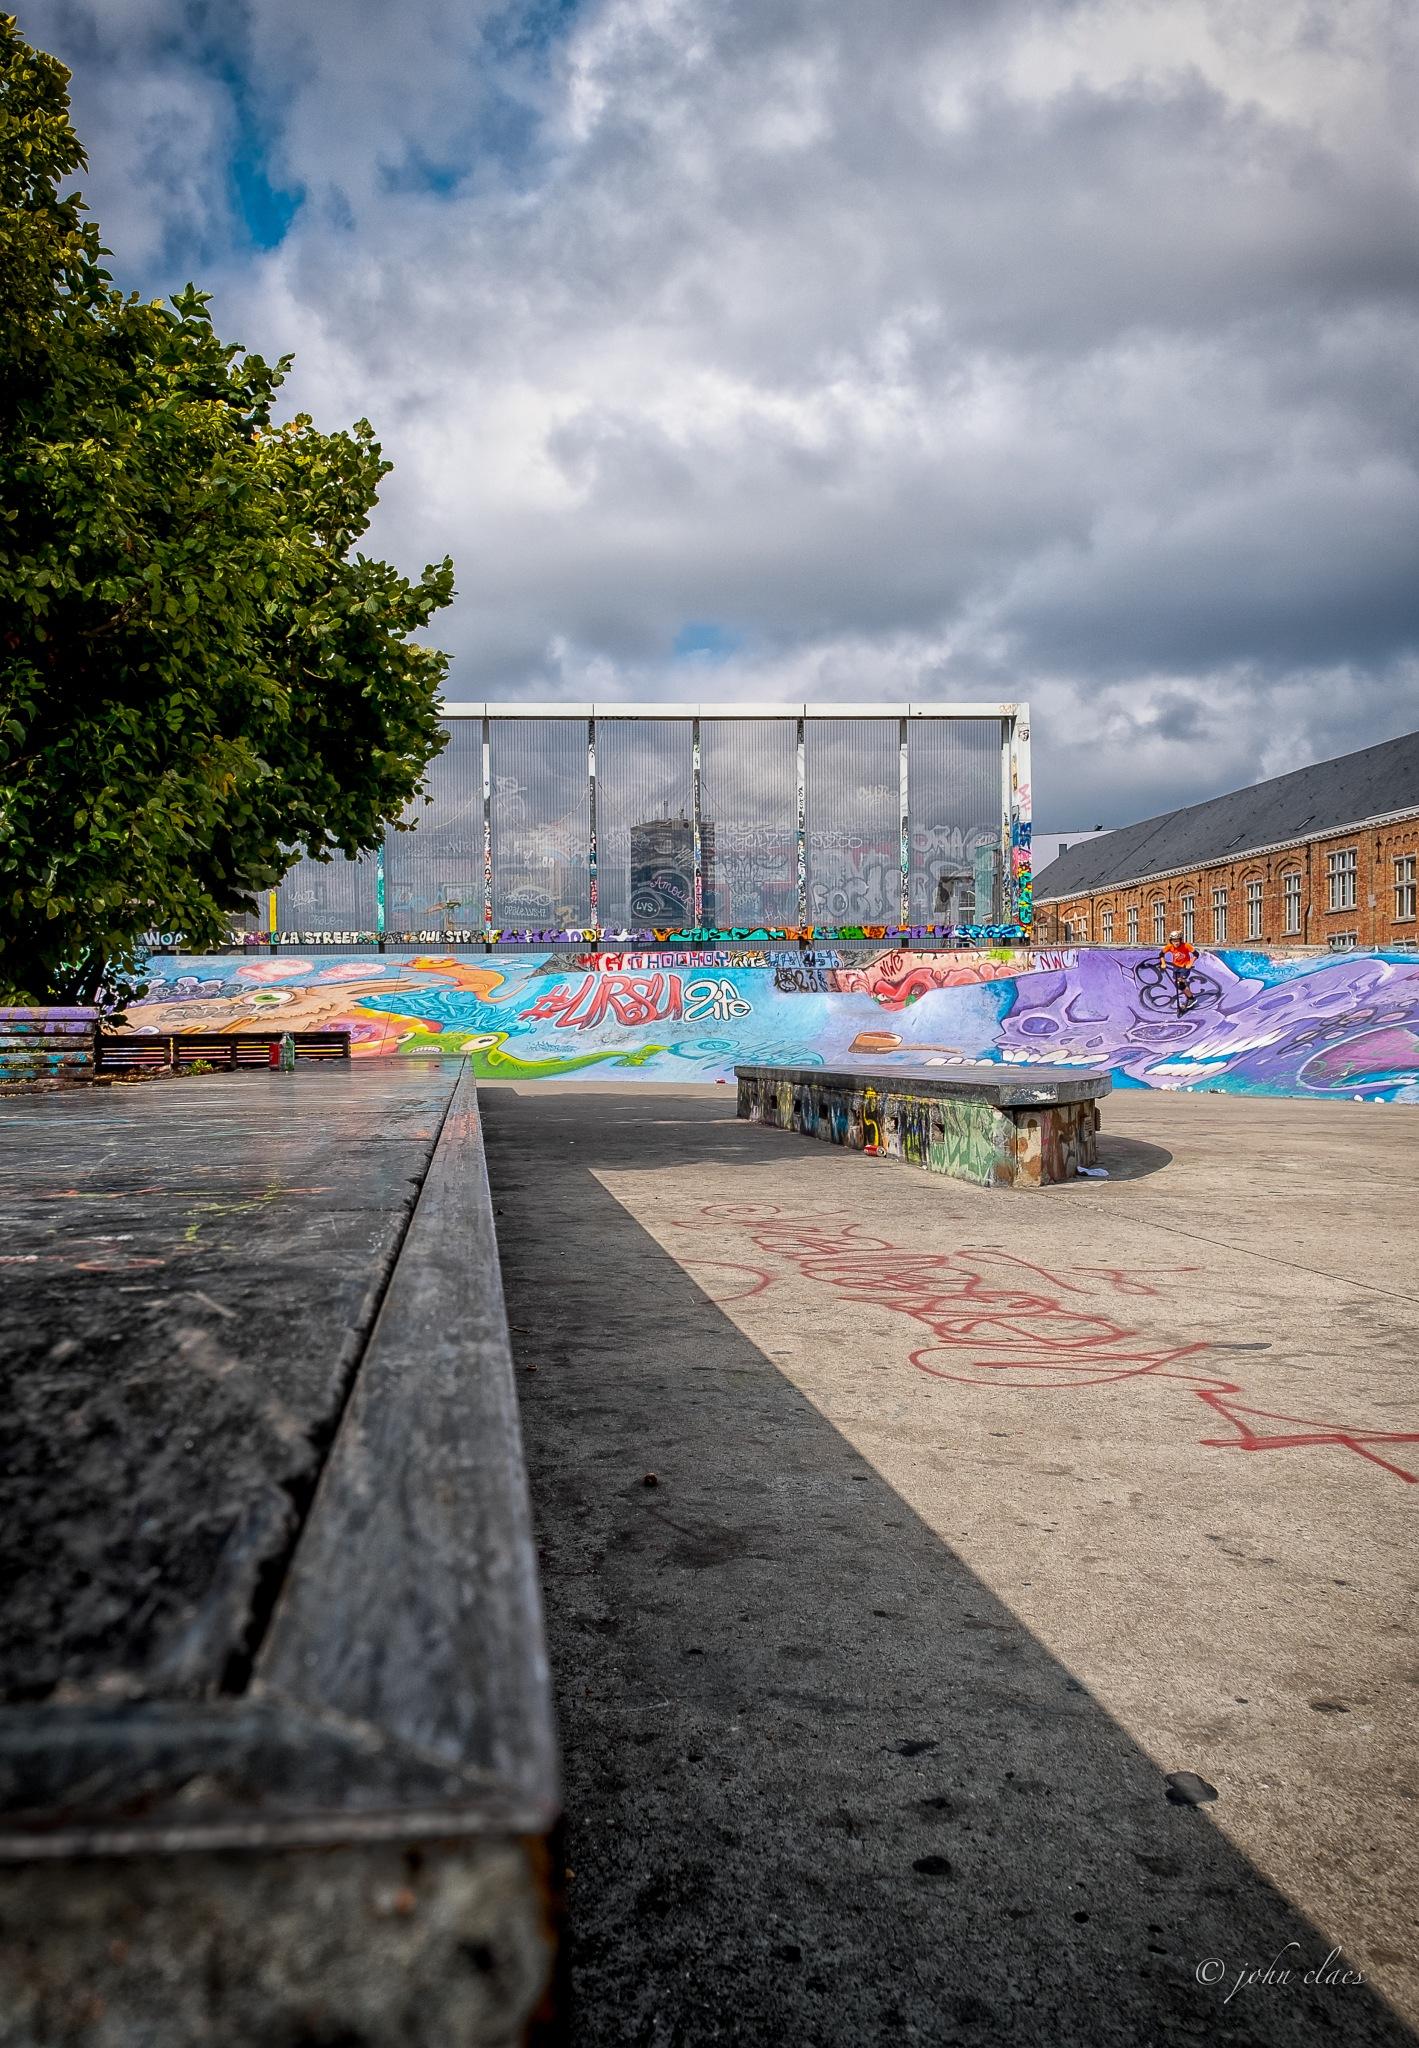 Skatepark by fotoclaesjohn